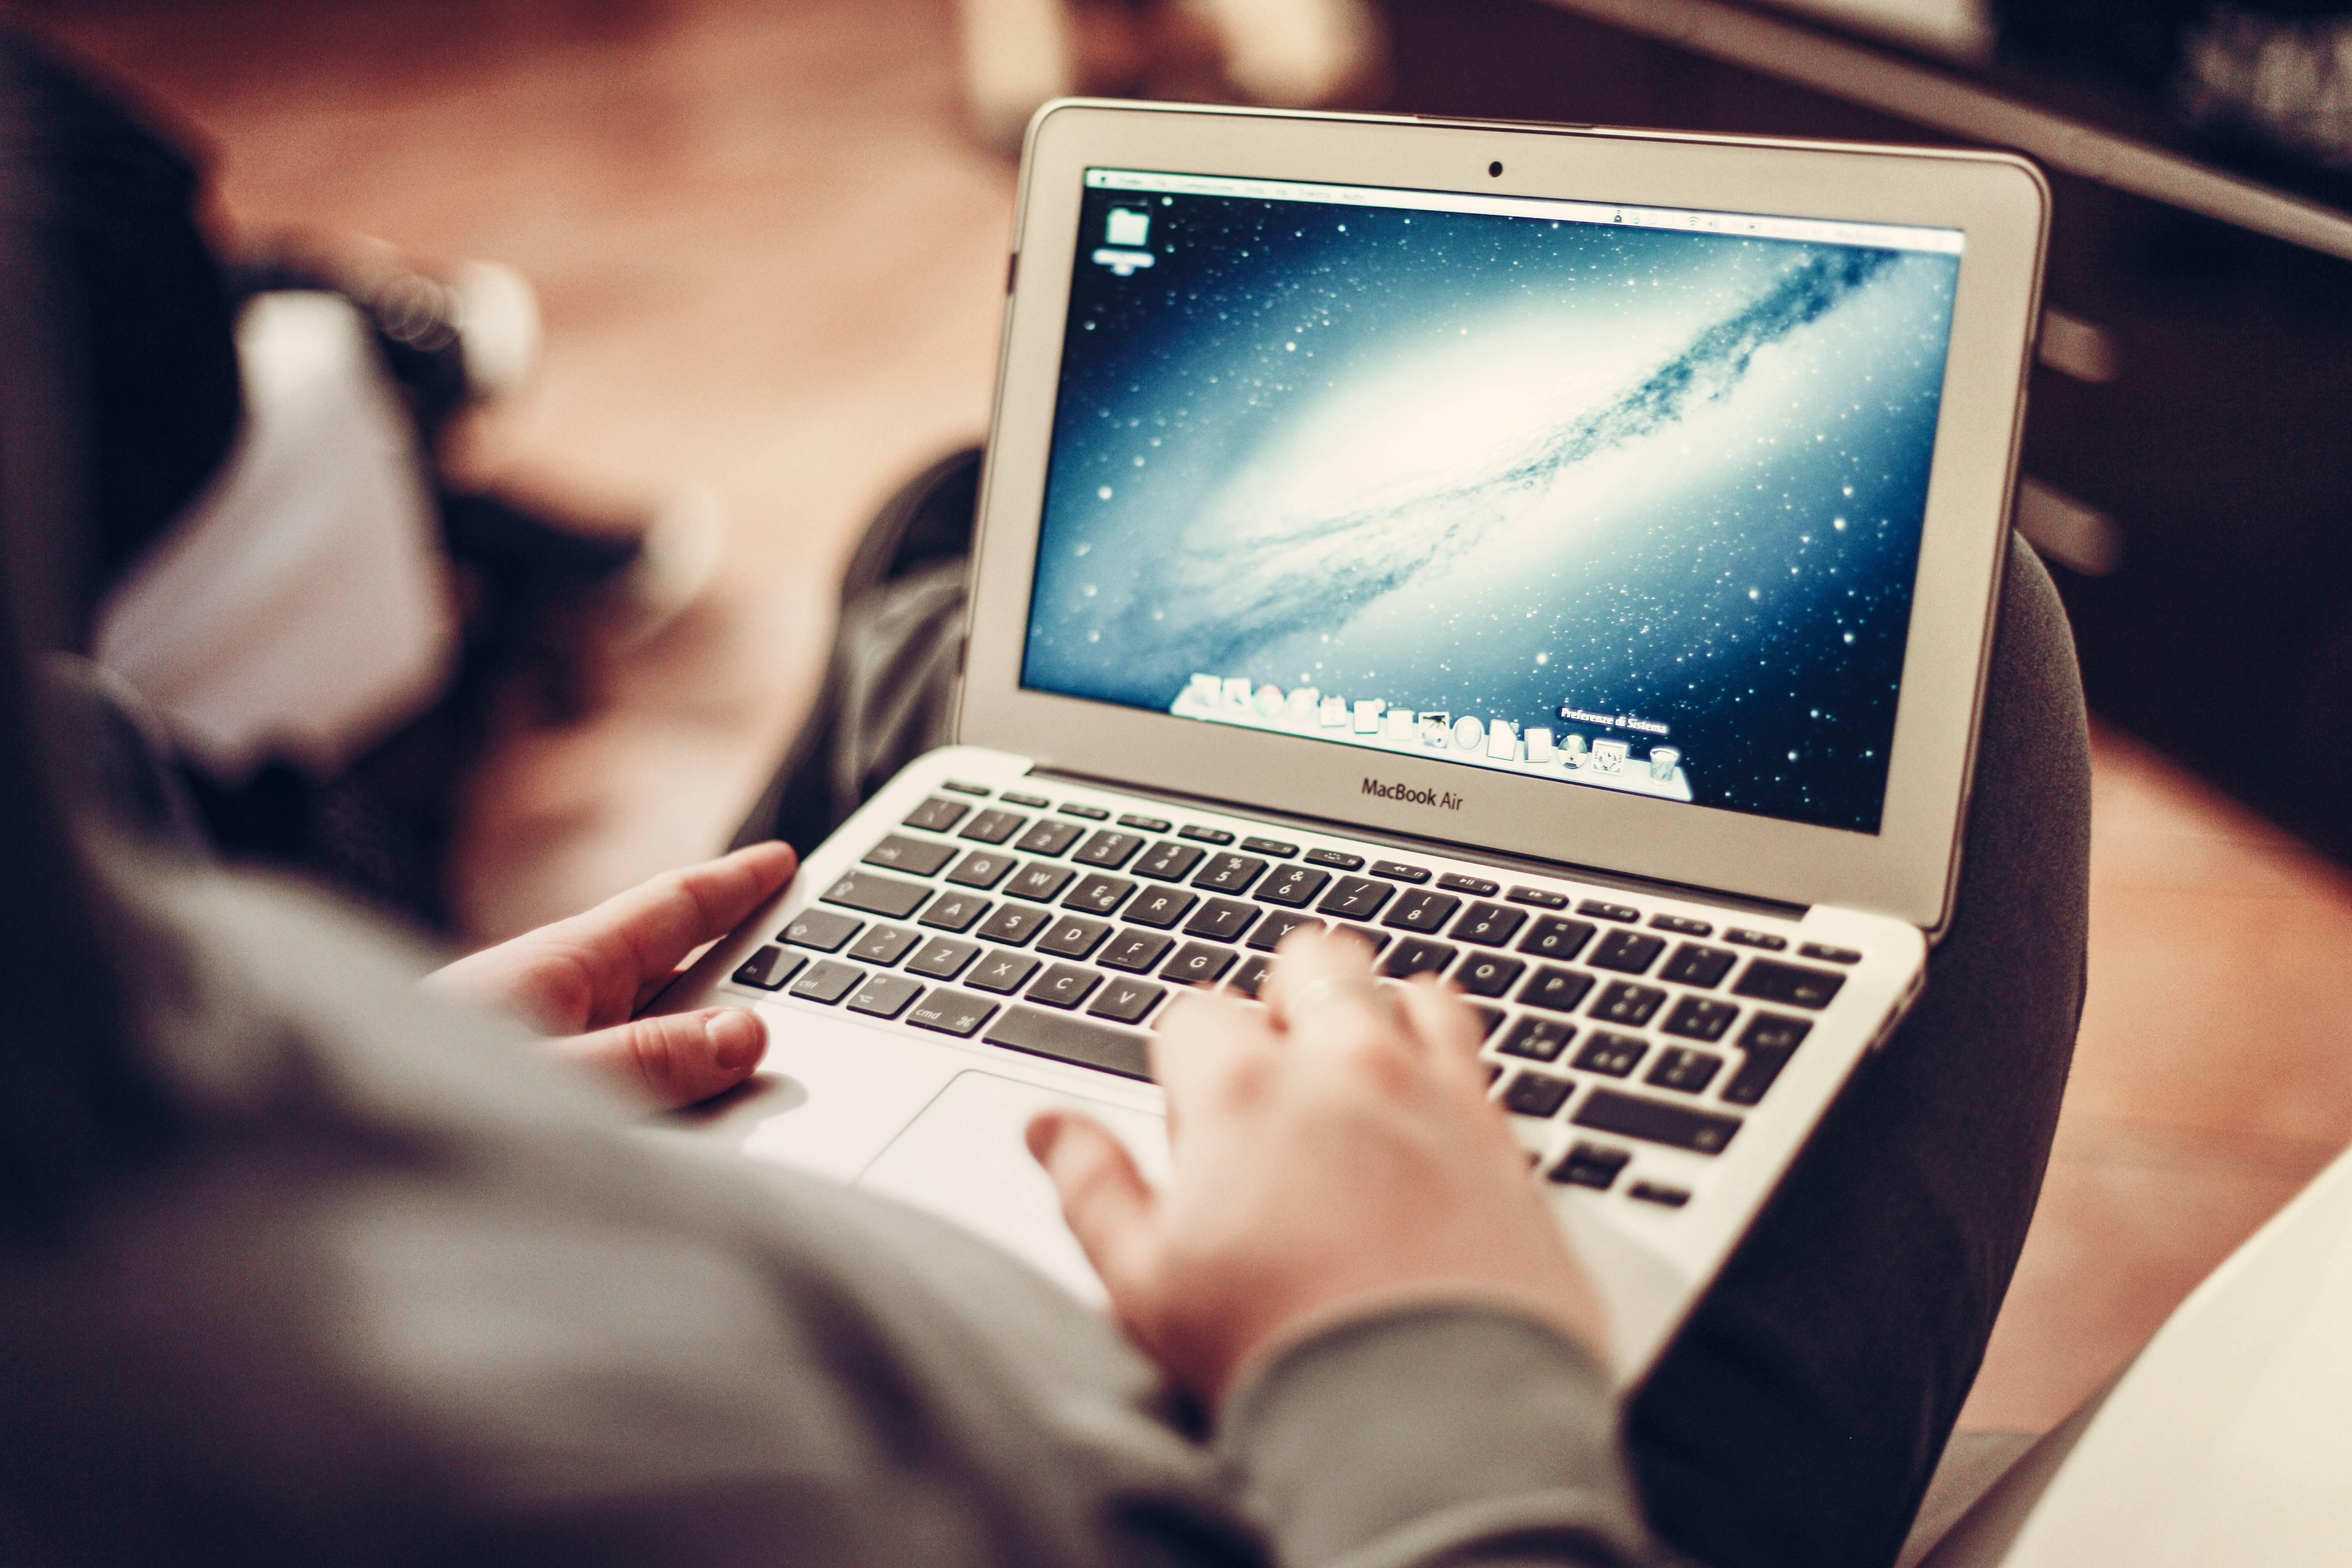 une personne utilise un ordinateur portable